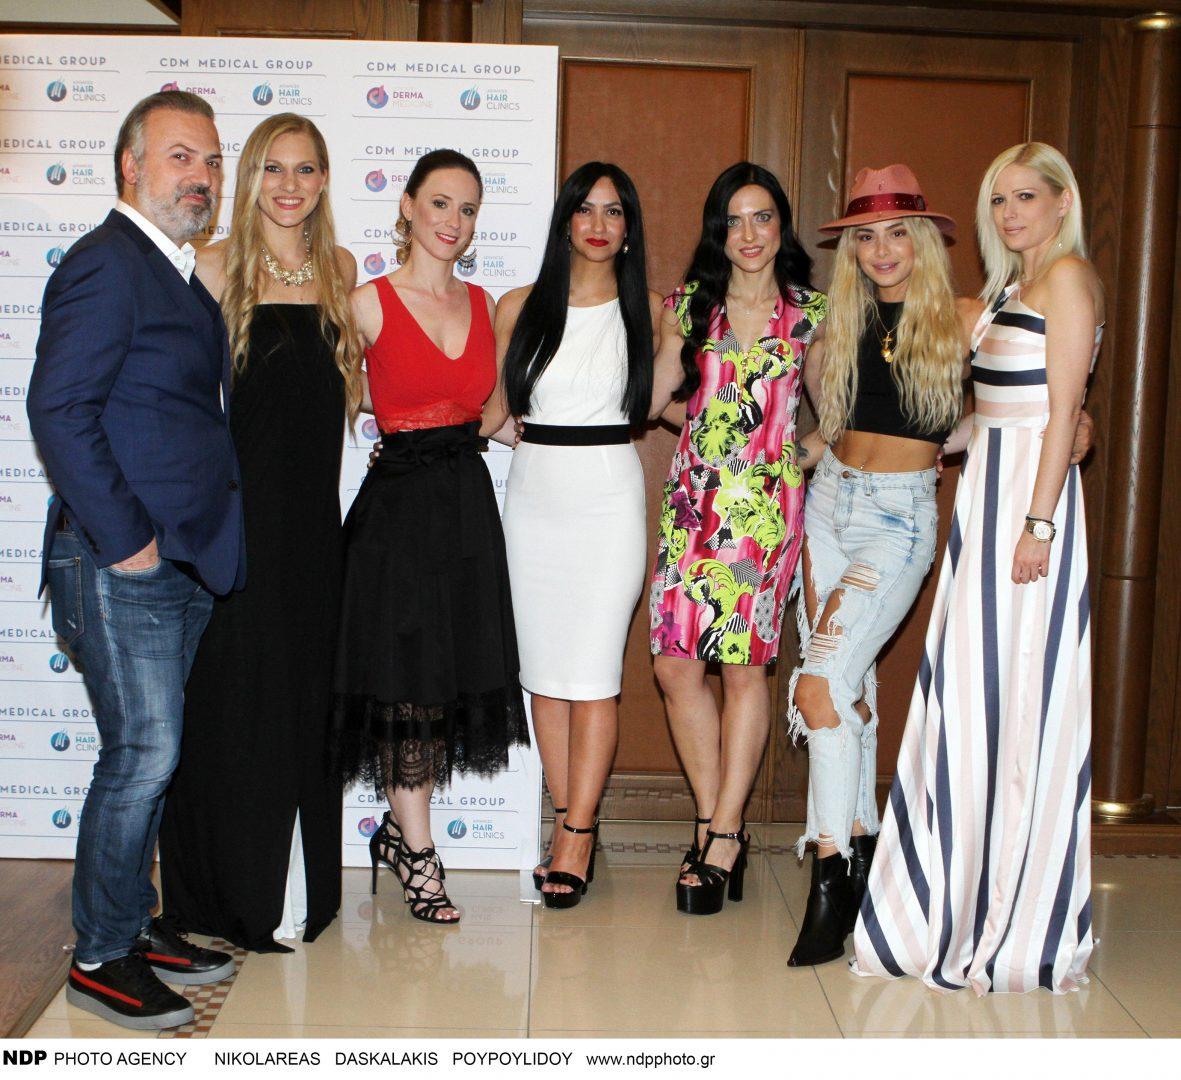 Λαμπερές εμφανίσεις σε coctail party στην Θεσσαλονίκη (Εικόνες)